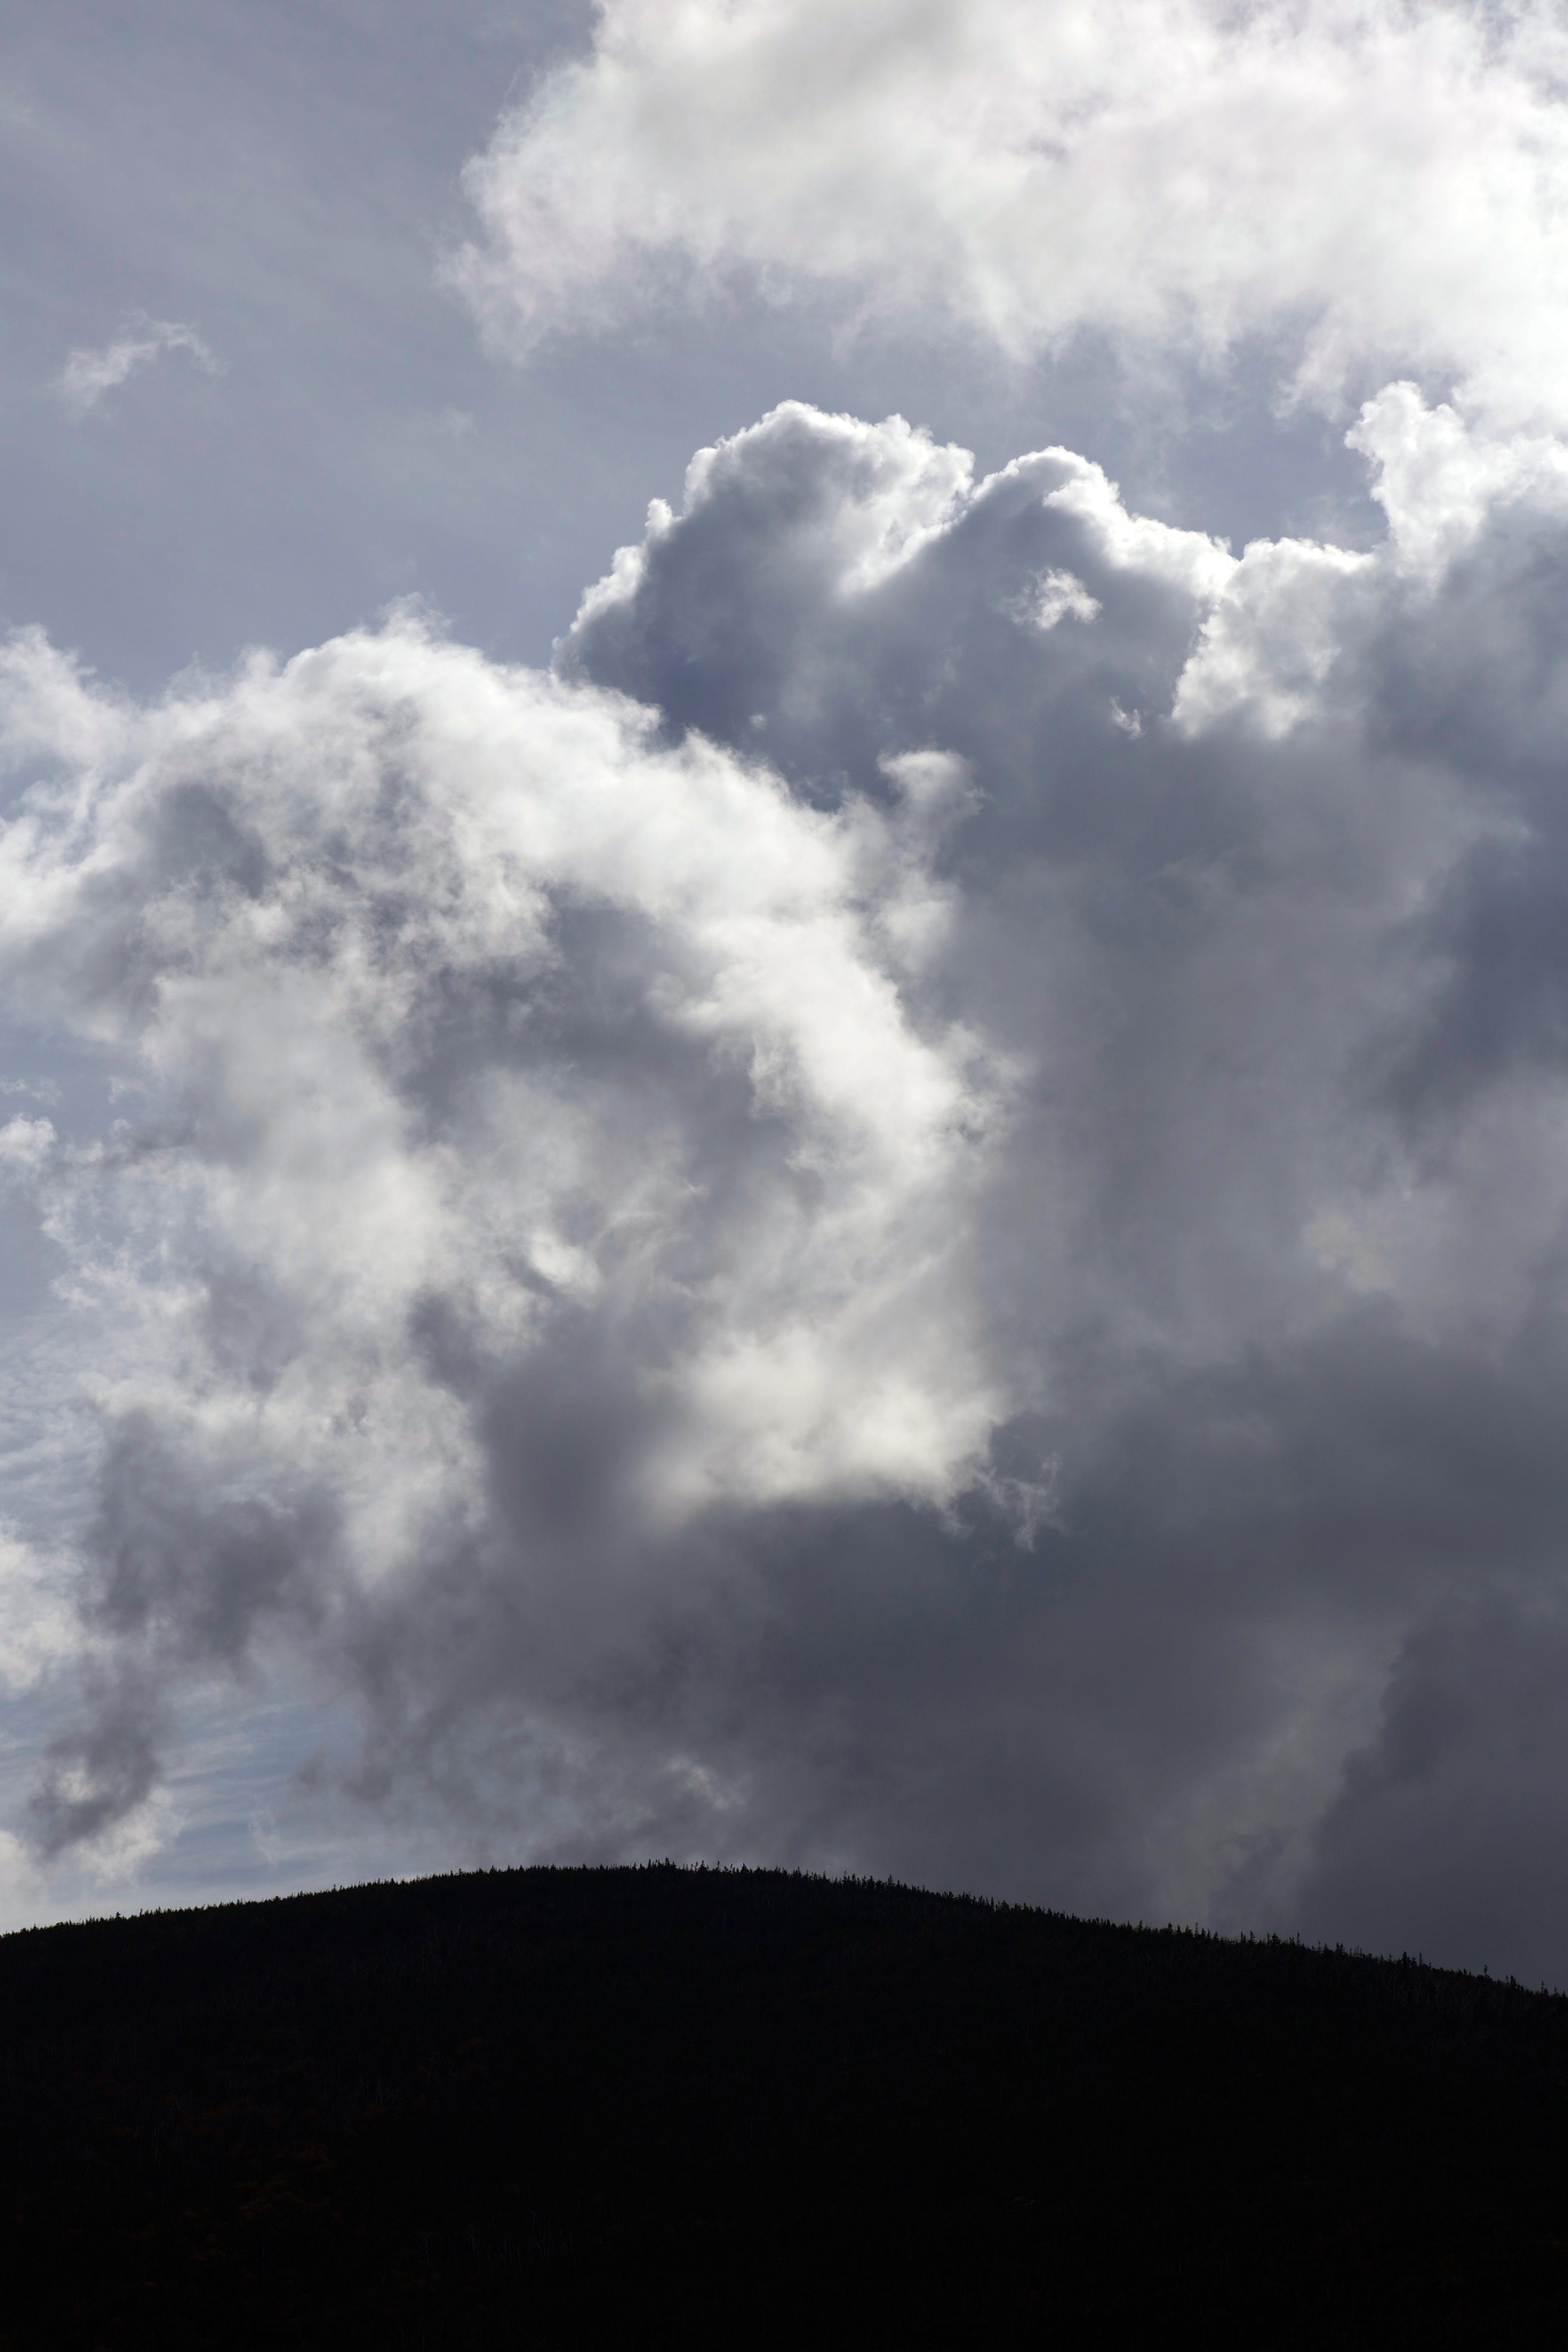 多雲的, 天性, 雲 的 免費圖庫相片